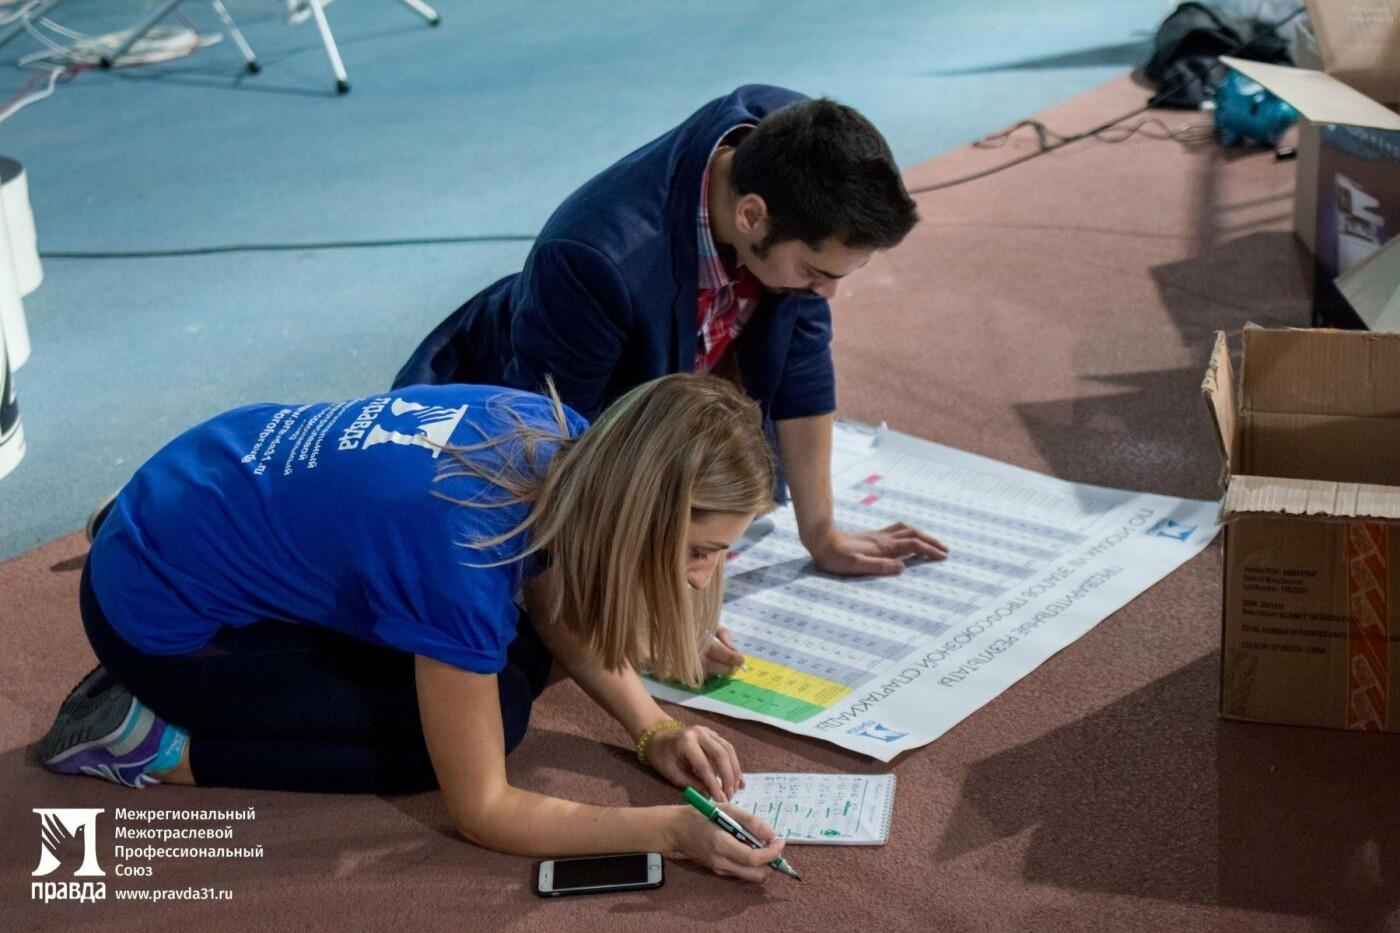 В Белгороде определили победителей спартакиады профсоюза «Правда», фото-28